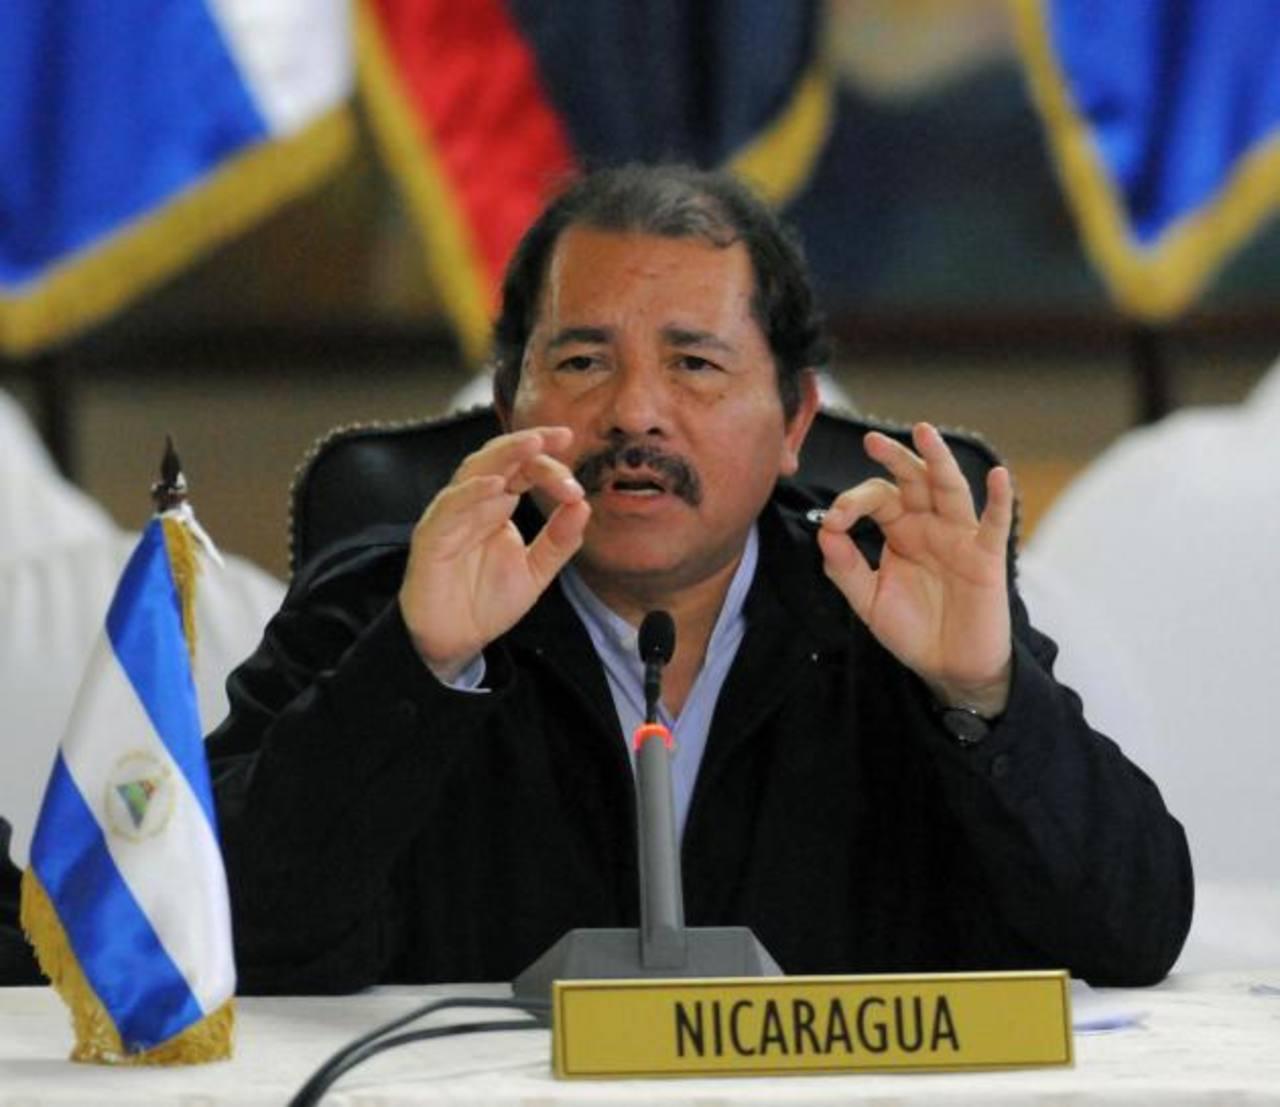 El presidente de Nicaragua, Daniel Ortega, ha propuesto cambios a la Carta Magna para fijar la reelección. Foto EDH / archivo